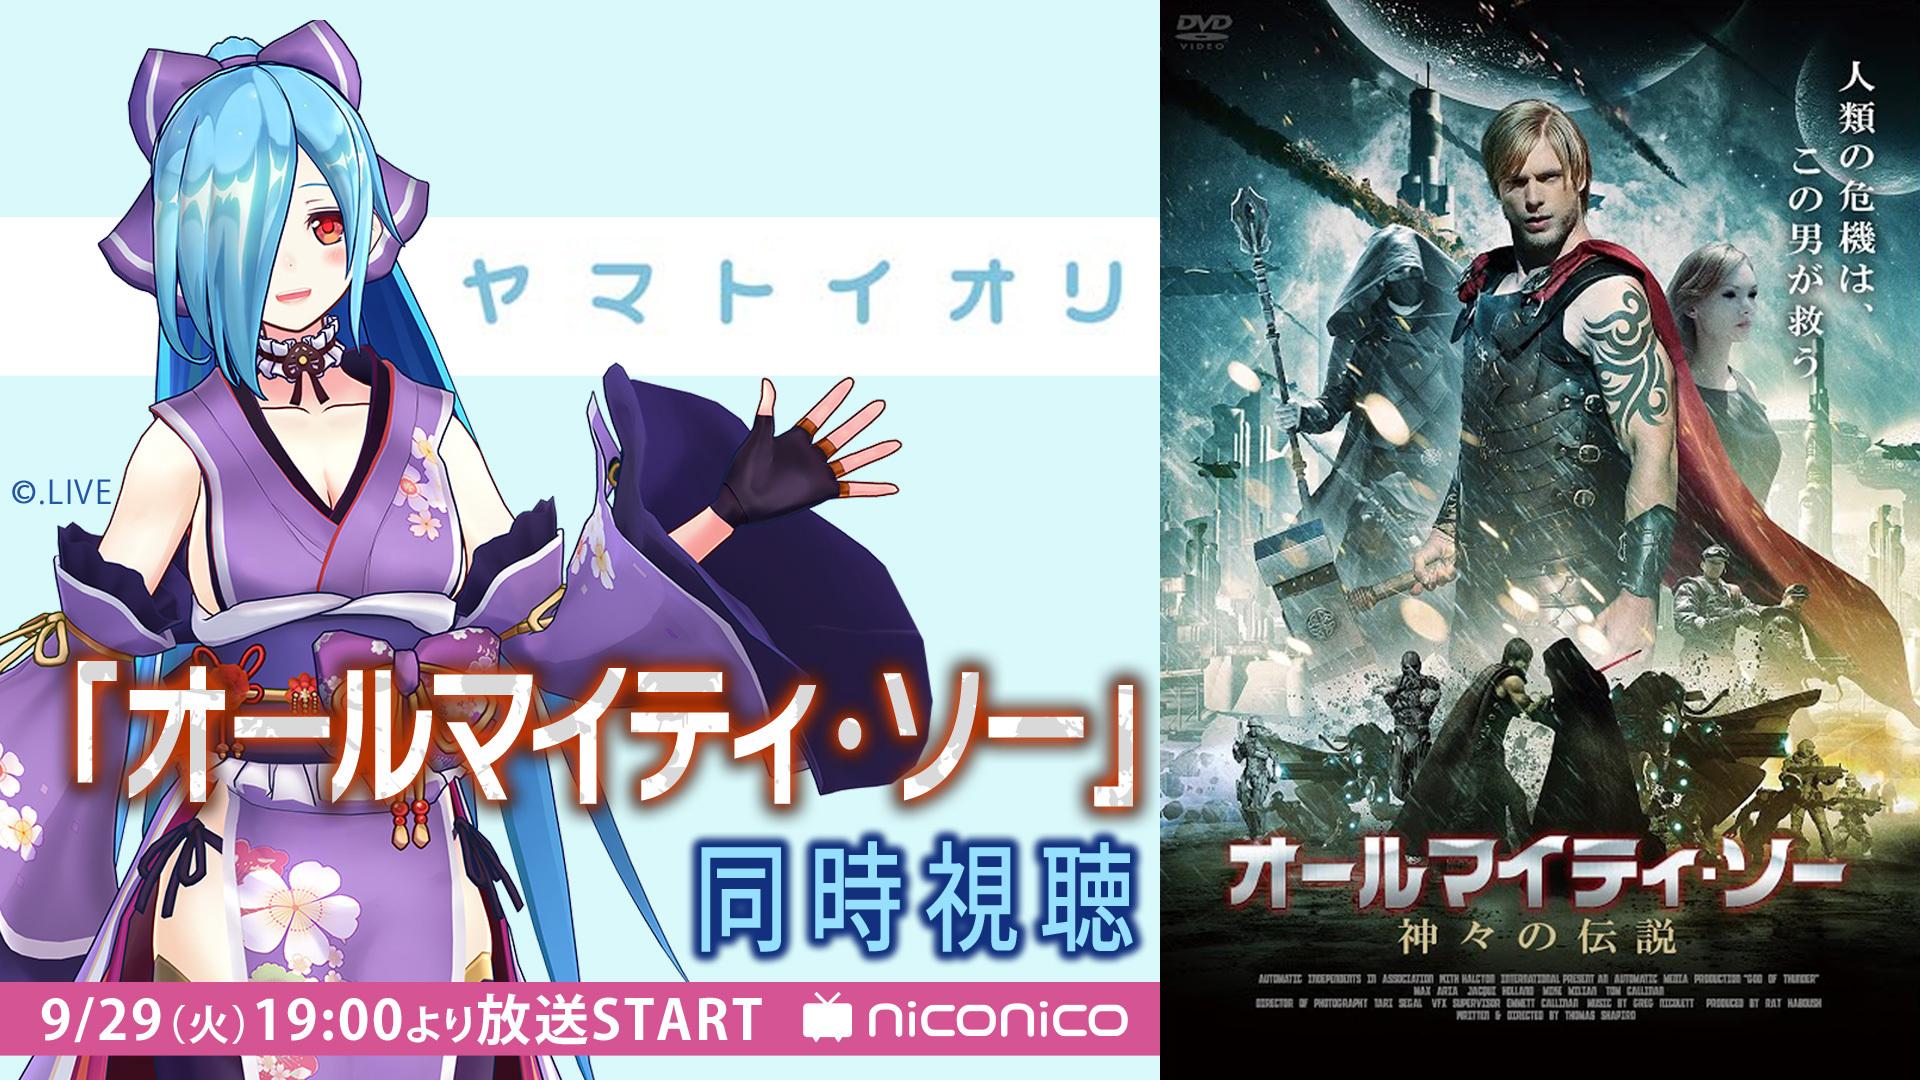 アイドル部所属VTuberヤマト イオリと「オールマイティ・ソー」同時視聴がニコニコ生放送にて決定。